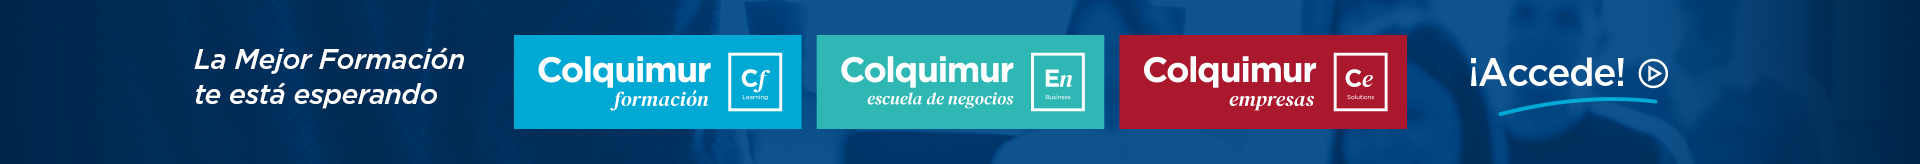 Slider-Colquimur-2021-R1-Formacion